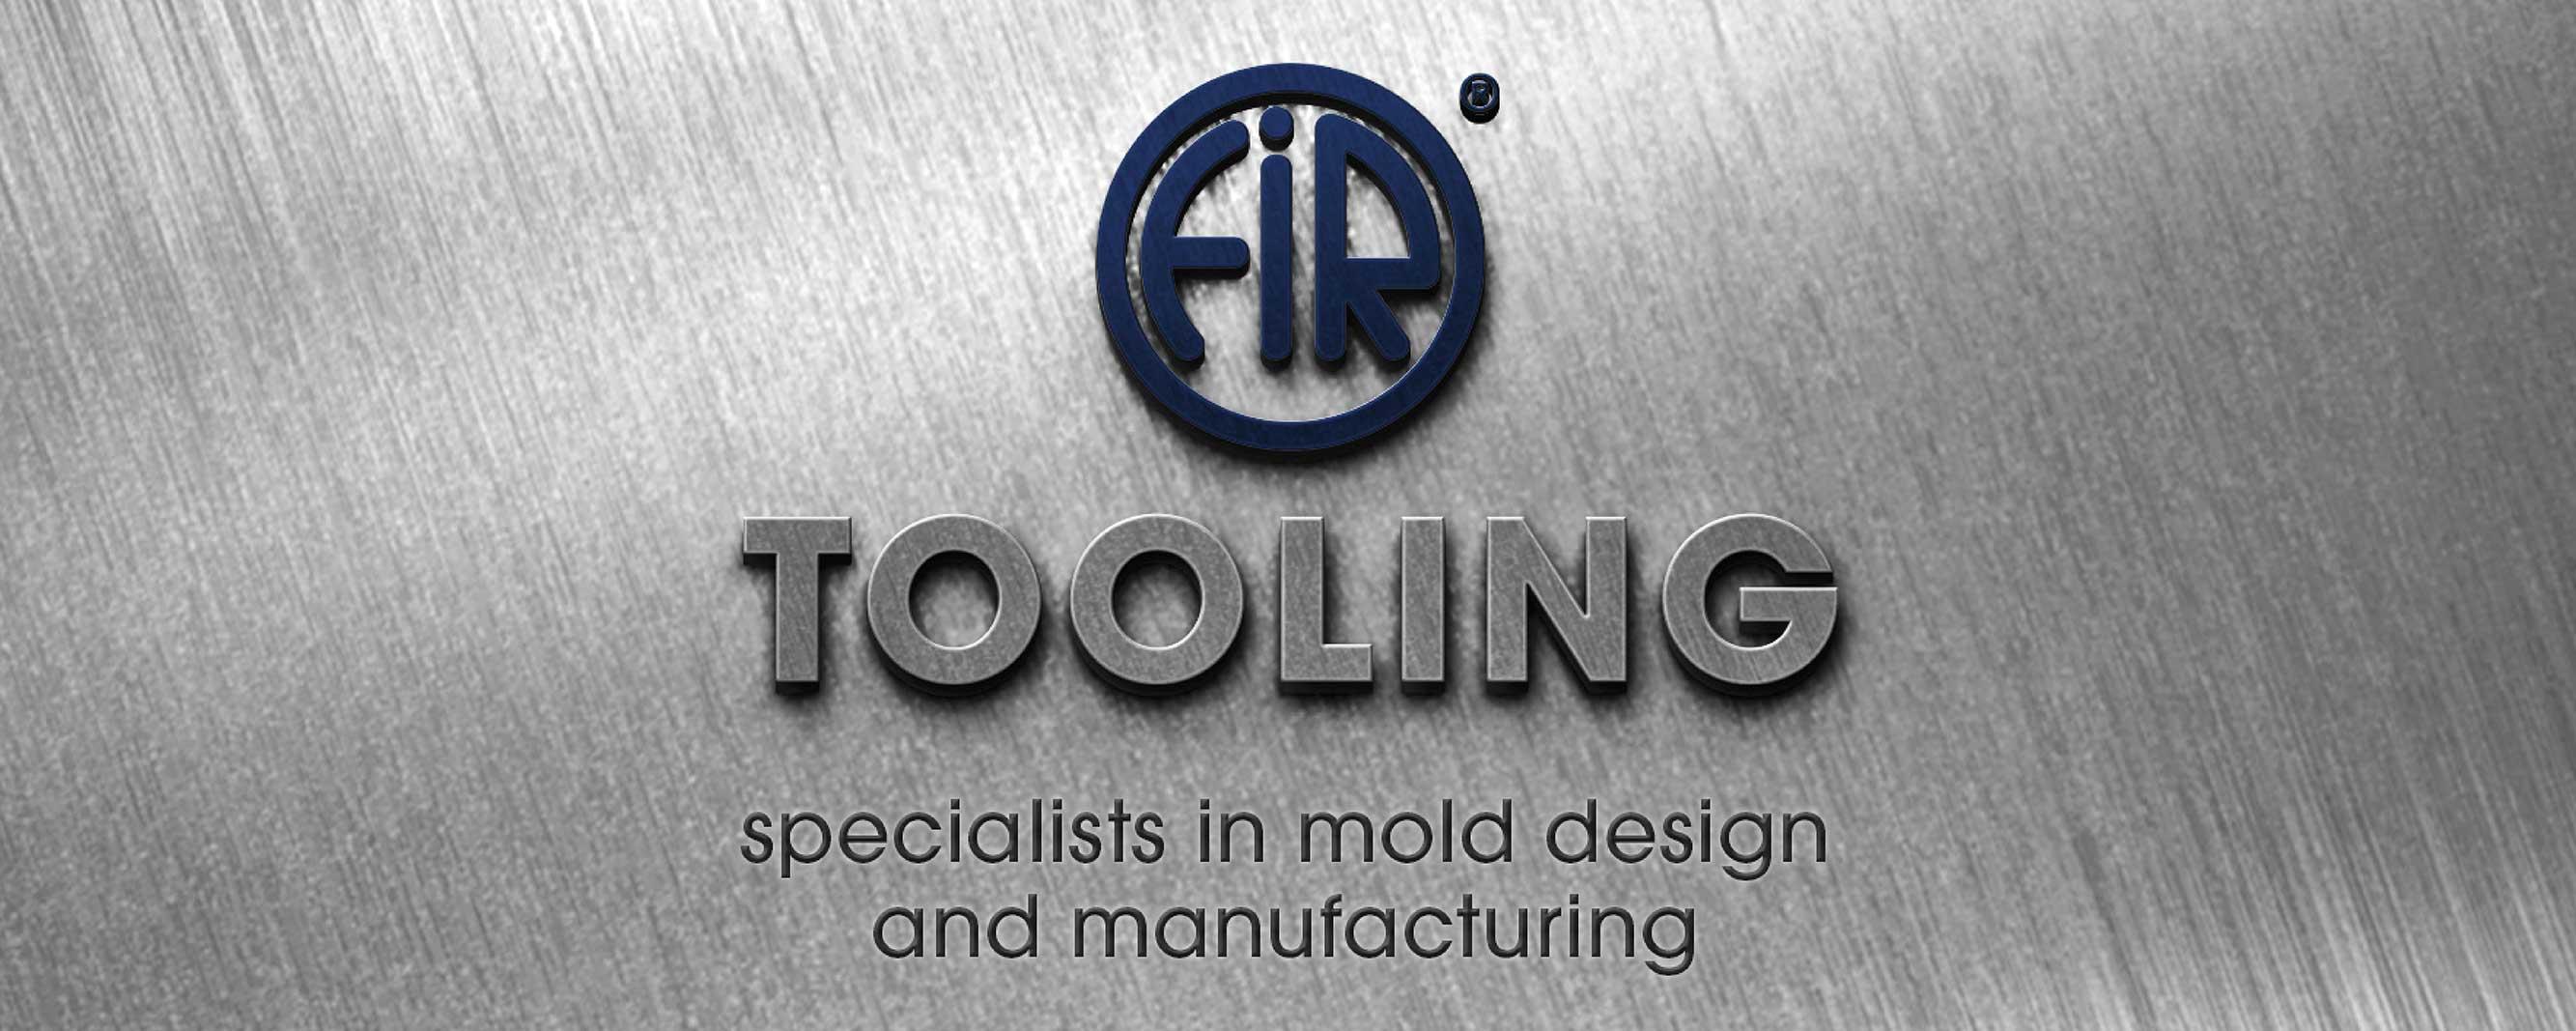 F.I.R Tooling